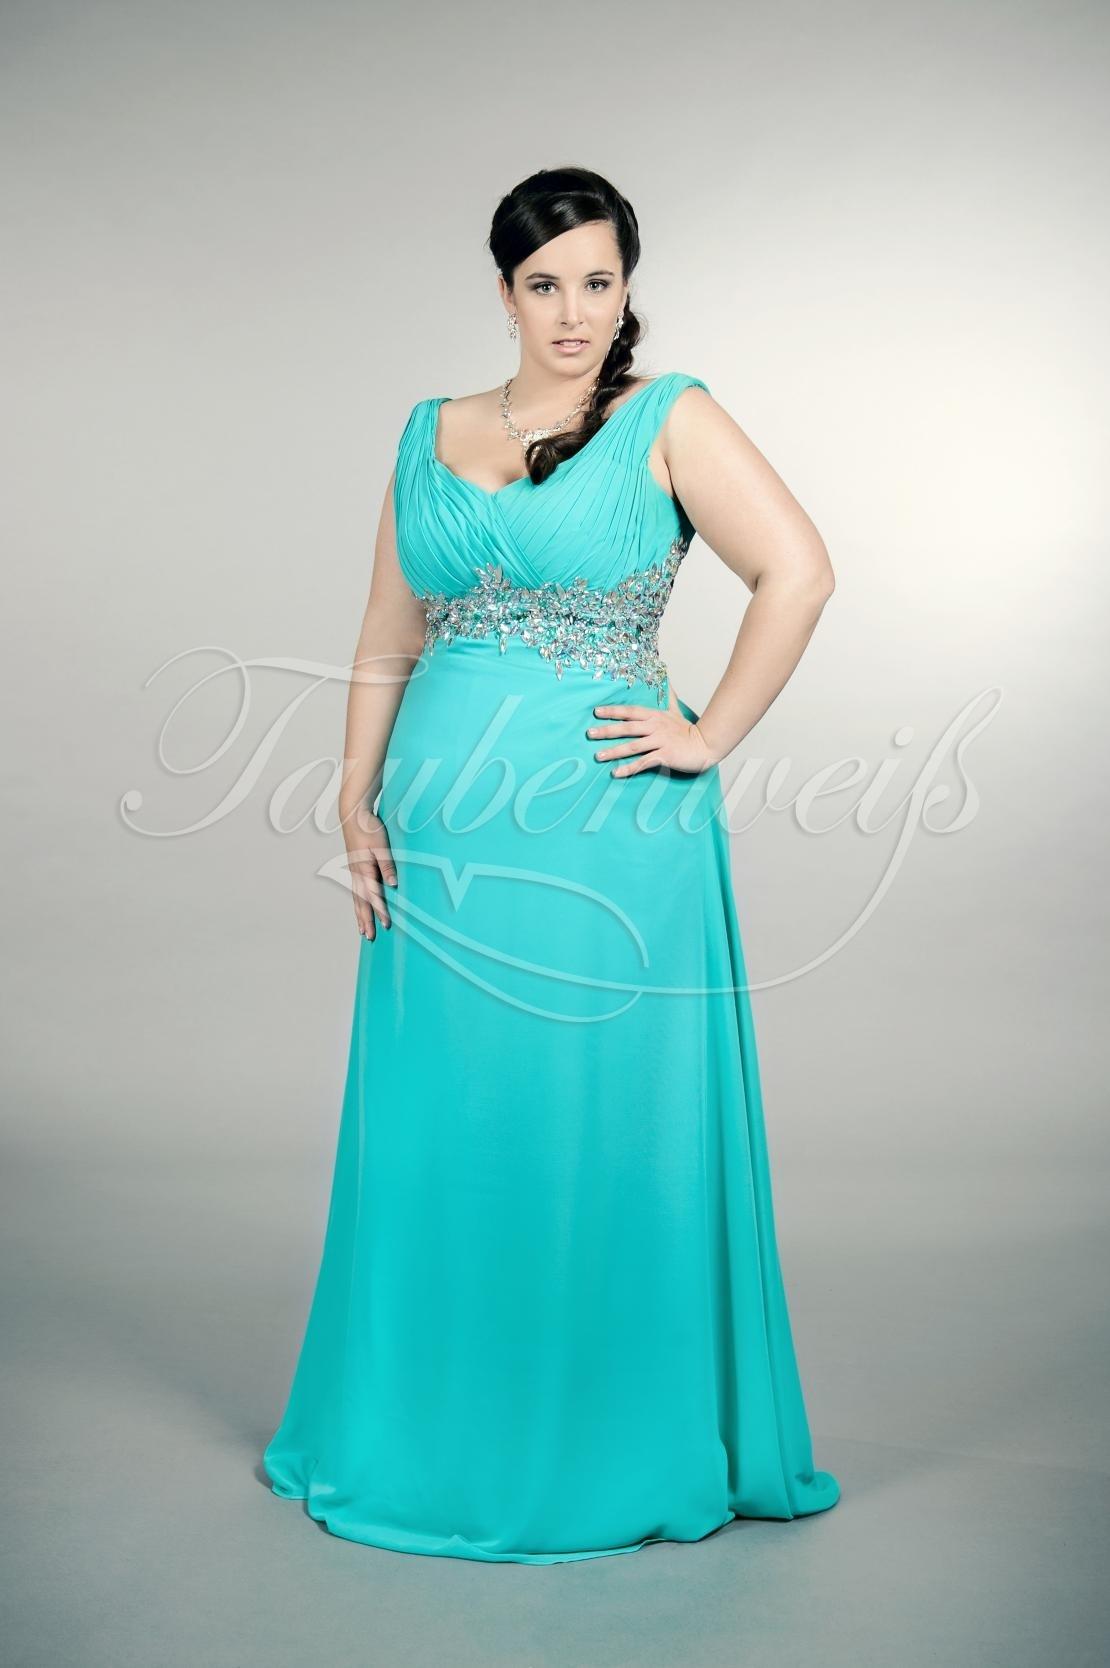 12 Spektakulär Abendkleider Xxl Boutique - Abendkleid